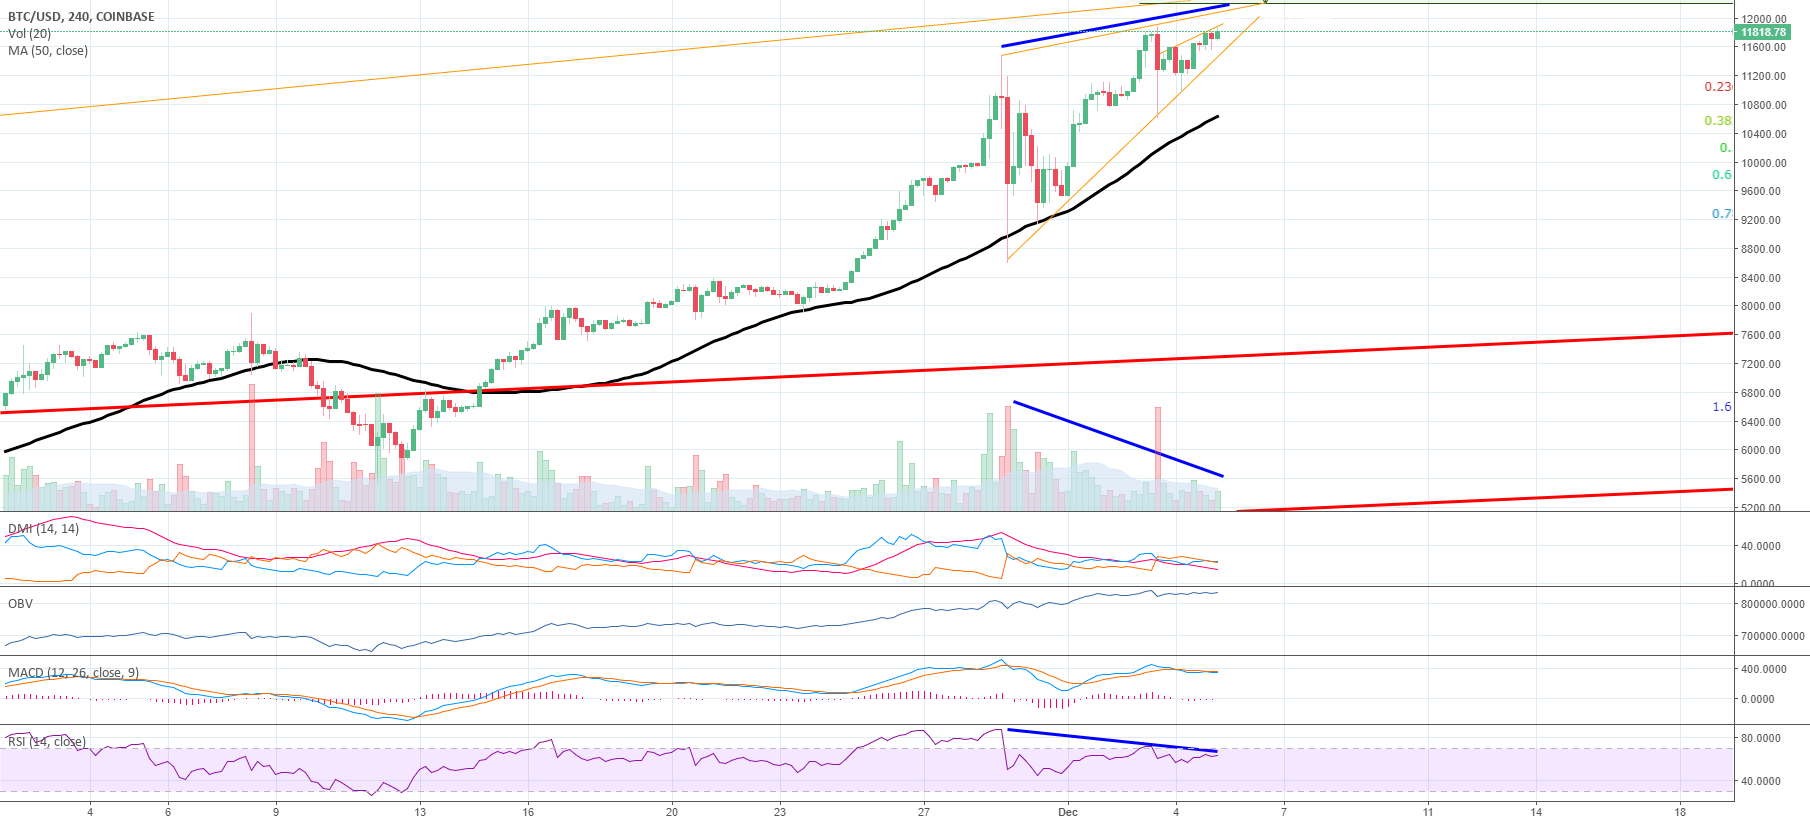 BTC/USD (Bearish Divergence) Bitcoin